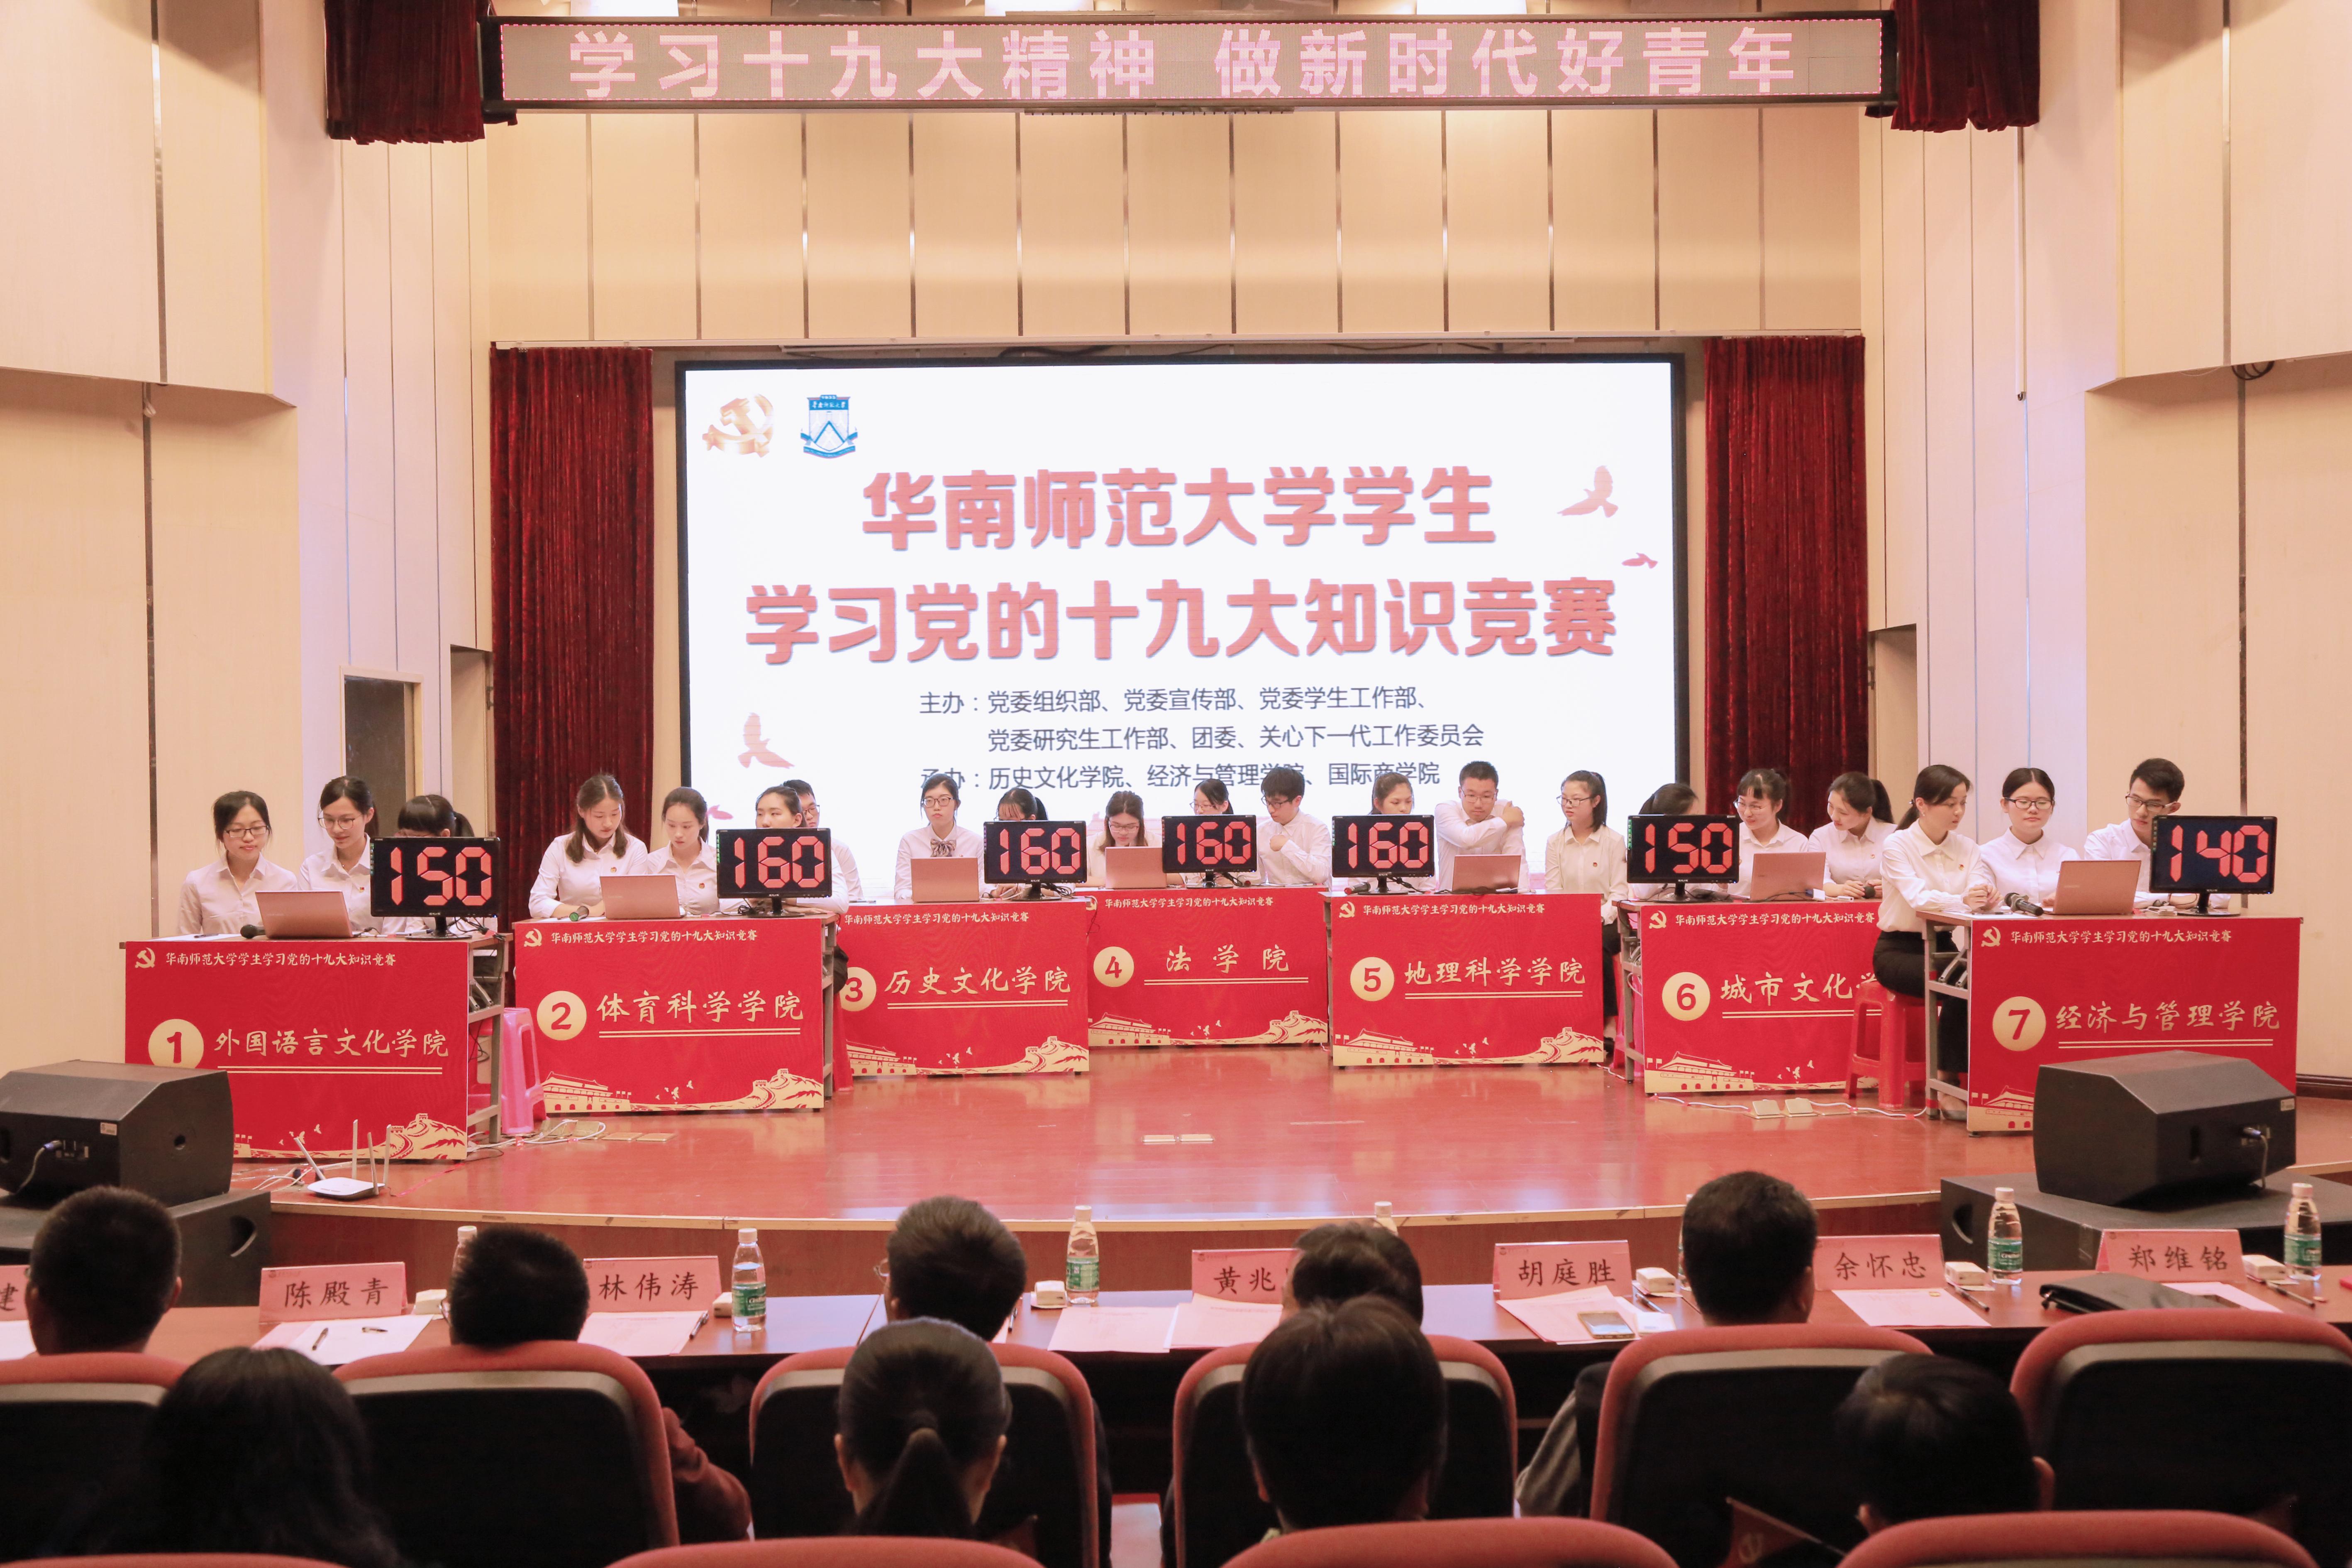 华南师范大学  学习十九大精神 做新时代好青年 我校举行学生学习党的十九大精神知识竞赛